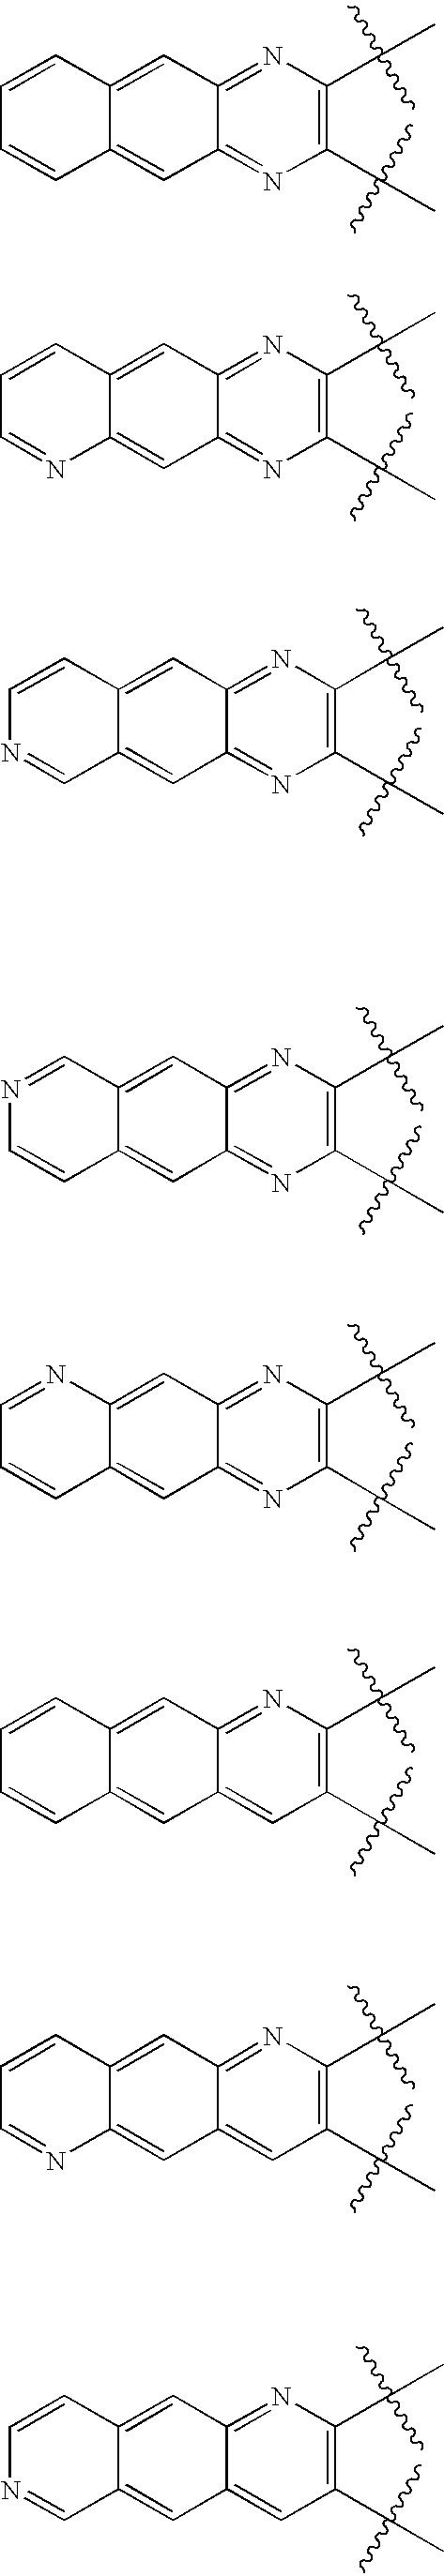 Figure US20040102360A1-20040527-C00033